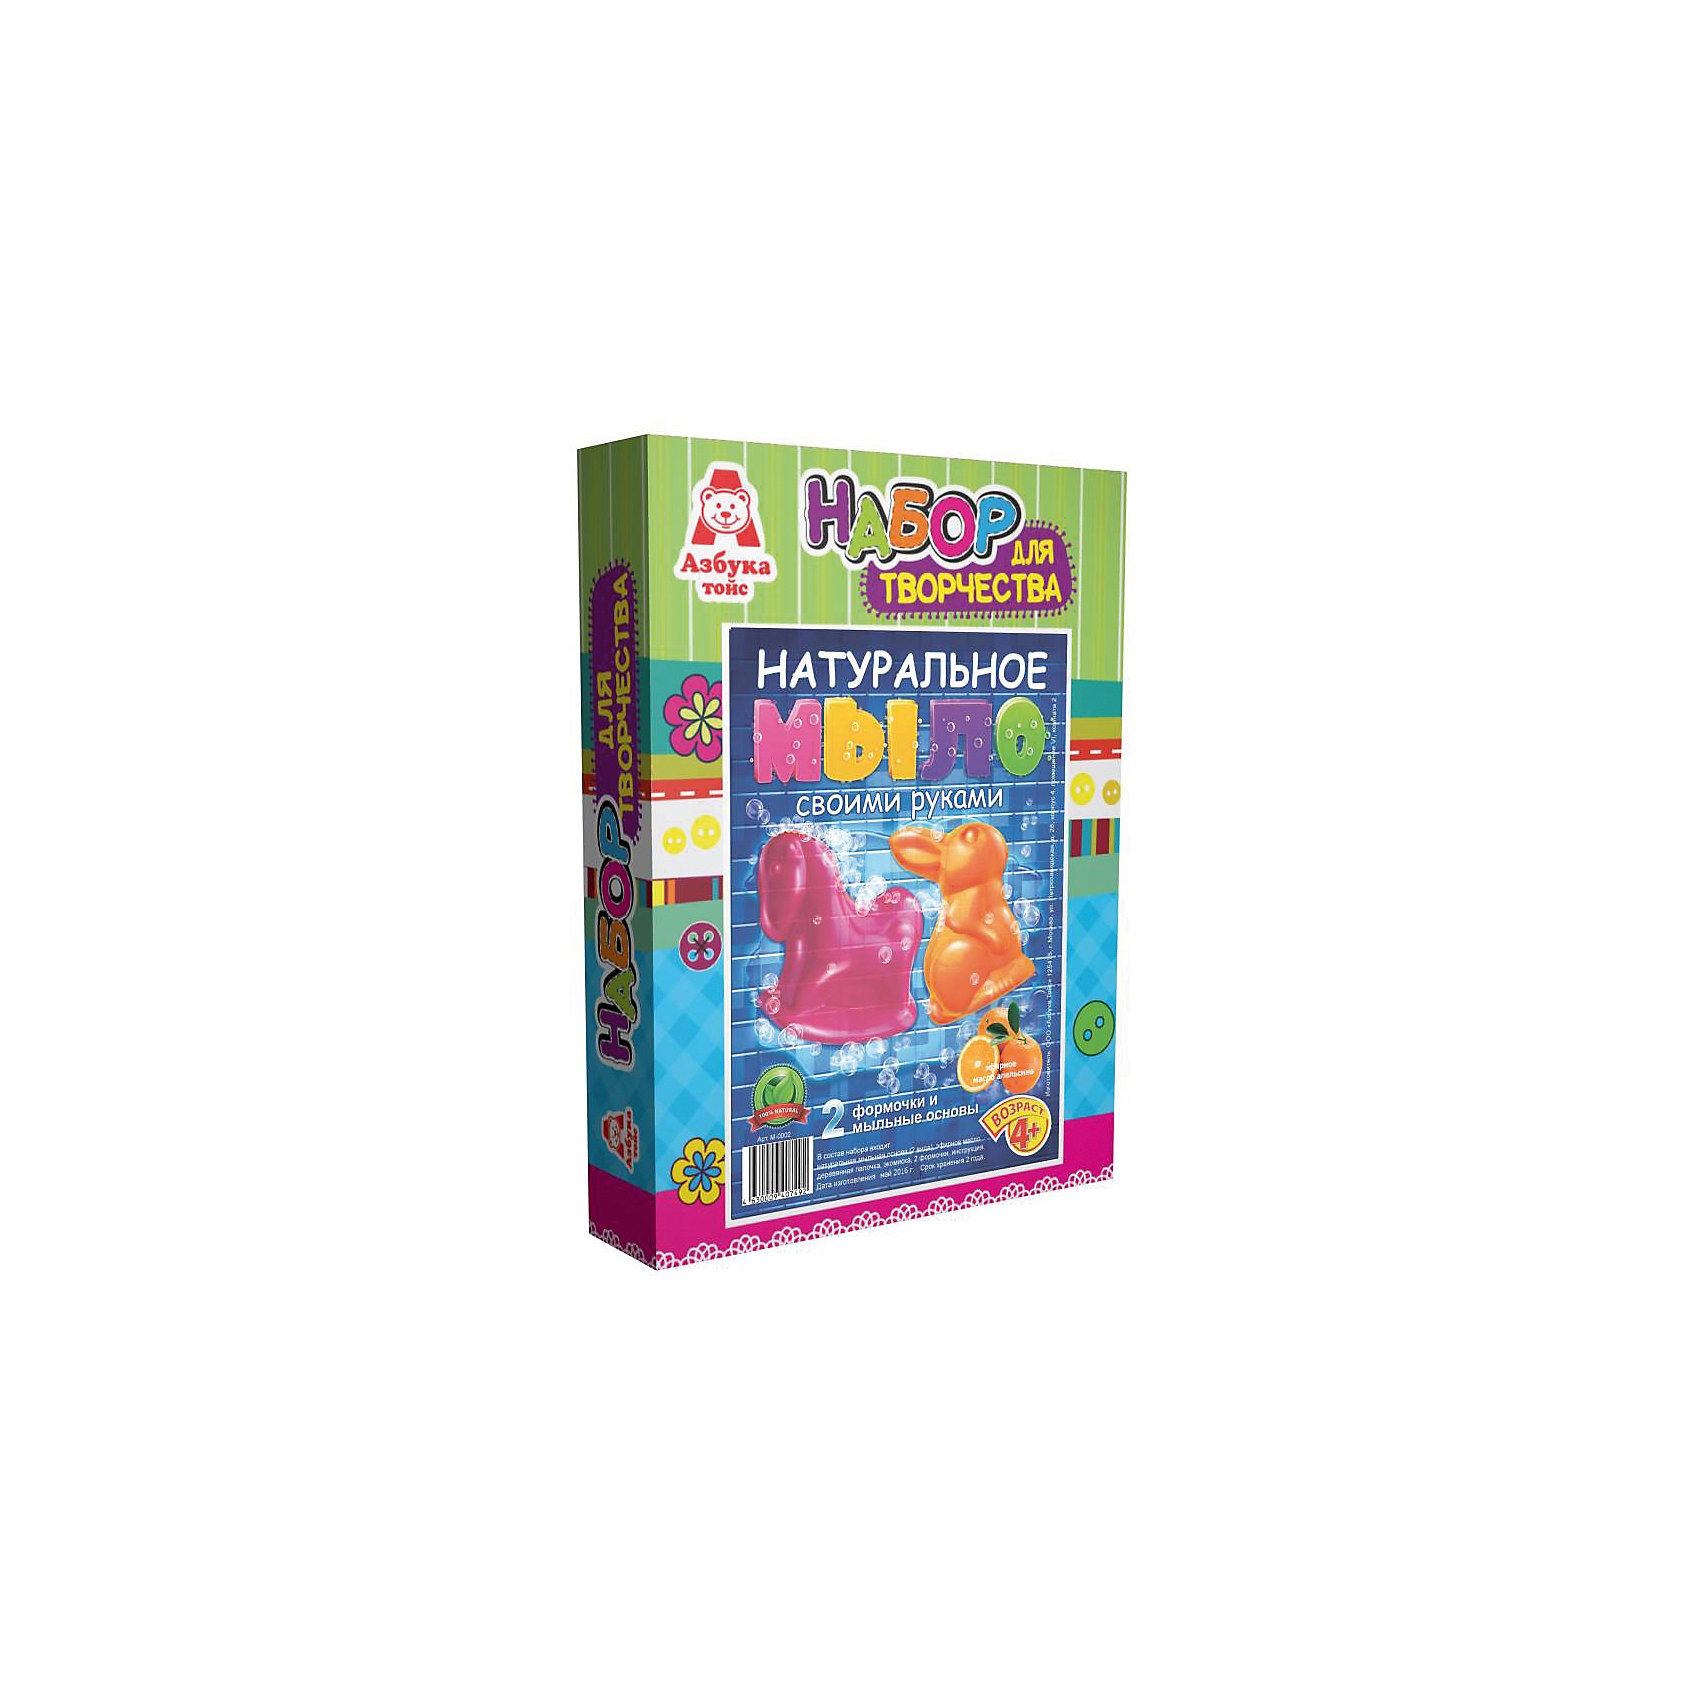 Мыло Заяц и ЛошадкаСоздание мыла<br>Характеристики товара:<br><br>• упаковка: коробка<br>• количество цветов: 5<br>• возраст: 4+<br>• масса: 294 г<br>• габариты: 50х240х280 мм<br>• комплектация: натуральная мыльная основа (5 видов), эфирное масло (5 видов), деревянная палочка, емкость для растапливания, формочки - 5 шт., инструкция<br>• страна бренда: РФ<br>• страна изготовитель: РФ<br><br>Мыловарение – интересный и необычный способ занять малыша. Ошибочно полагать, что создавать мыло – творчество только для девочек. В новом наборе формочки позволяют варить мыло в форме различных предметов. На выходе у ребенка получится настоящее мыло, готовое к использованию. Благодаря эфирным маслам оно будет приятно пахнуть. В наборе есть все необходимое для создания продукта.<br>Набор станет отличным подарком ребенку, так как он сможет сам сделать полезную вещь для себя или в качестве подарка близким! Материалы, использованные при изготовлении товара, сертифицированы и отвечают всем международным требованиям по качеству. <br><br>Набор Мыло Заяц и Лошадка от бренда Азбука Тойс можно приобрести в нашем интернет-магазине.<br><br>Ширина мм: 240<br>Глубина мм: 50<br>Высота мм: 280<br>Вес г: 294<br>Возраст от месяцев: 48<br>Возраст до месяцев: 96<br>Пол: Унисекс<br>Возраст: Детский<br>SKU: 5062846